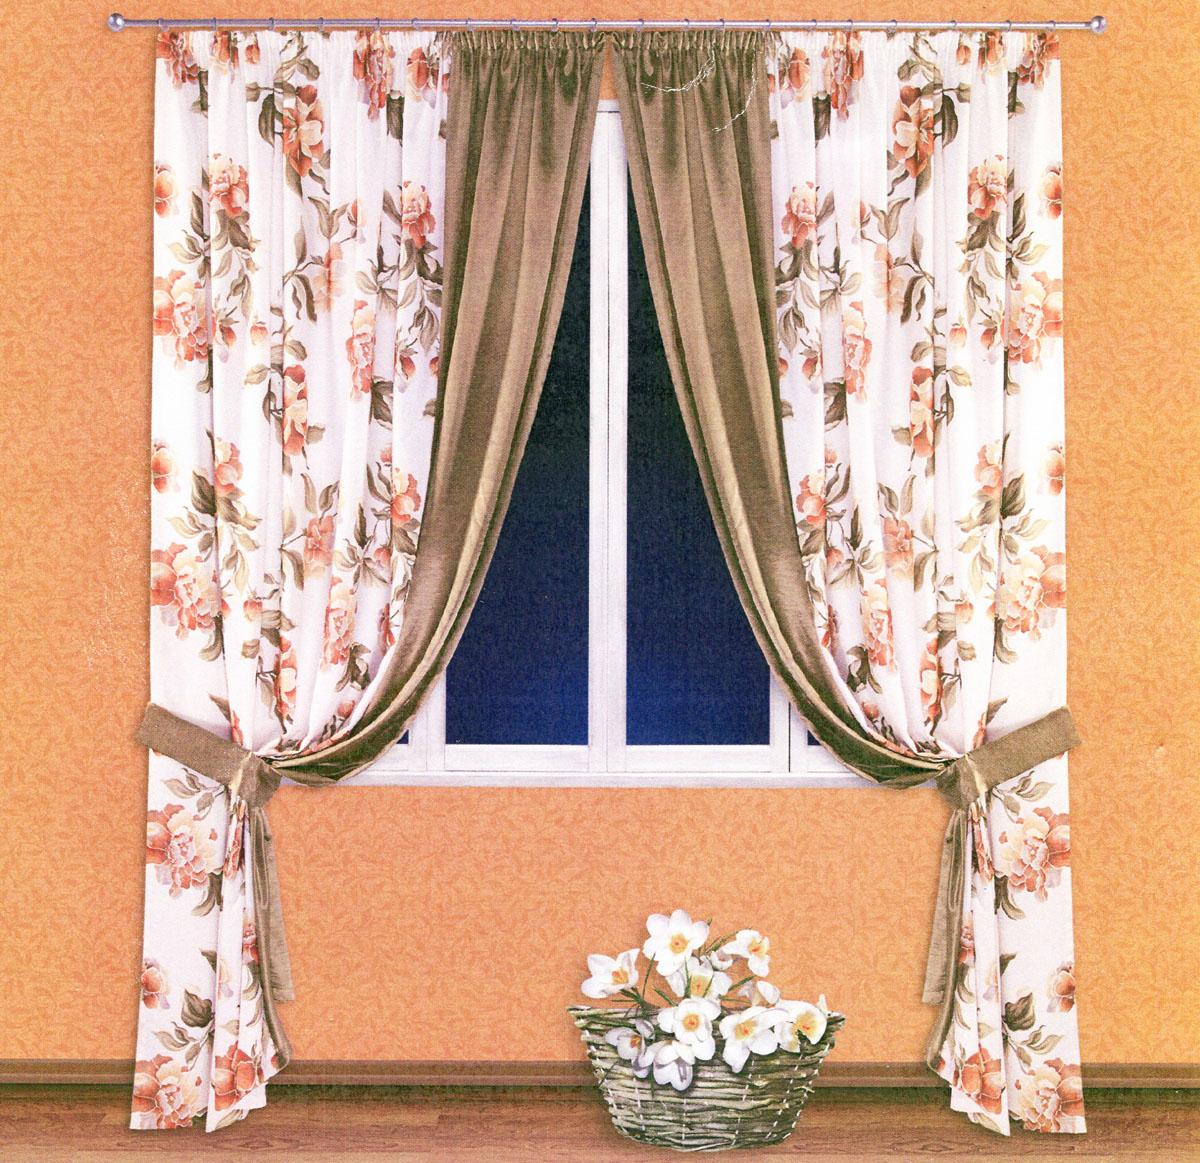 Комплект штор Zlata Korunka, на ленте, цвет: белый, оливковый, высота 250 см. 5552288829Роскошный комплект штор Zlata Korunka, выполненный из сатина и шанзализе (100% полиэстера), великолепно украсит любое окно. Комплект состоит из двух портьер и двух подхватов. Плотная ткань, цветочный принт и приятная, приглушенная гамма привлекут к себе внимание и органично впишутся в интерьер помещения. Комплект крепится на карниз при помощи шторной ленты, которая поможет красиво и равномерно задрапировать верх. Портьеры можно зафиксировать в одном положении с помощью двух подхватов. Этот комплект будет долгое время радовать вас и вашу семью! В комплект входит: Портьера: 2 шт. Размер (ШхВ): 200 см х 250 см. Подхват: 2 шт. Размер (ШхВ): 60 см х 10 см.